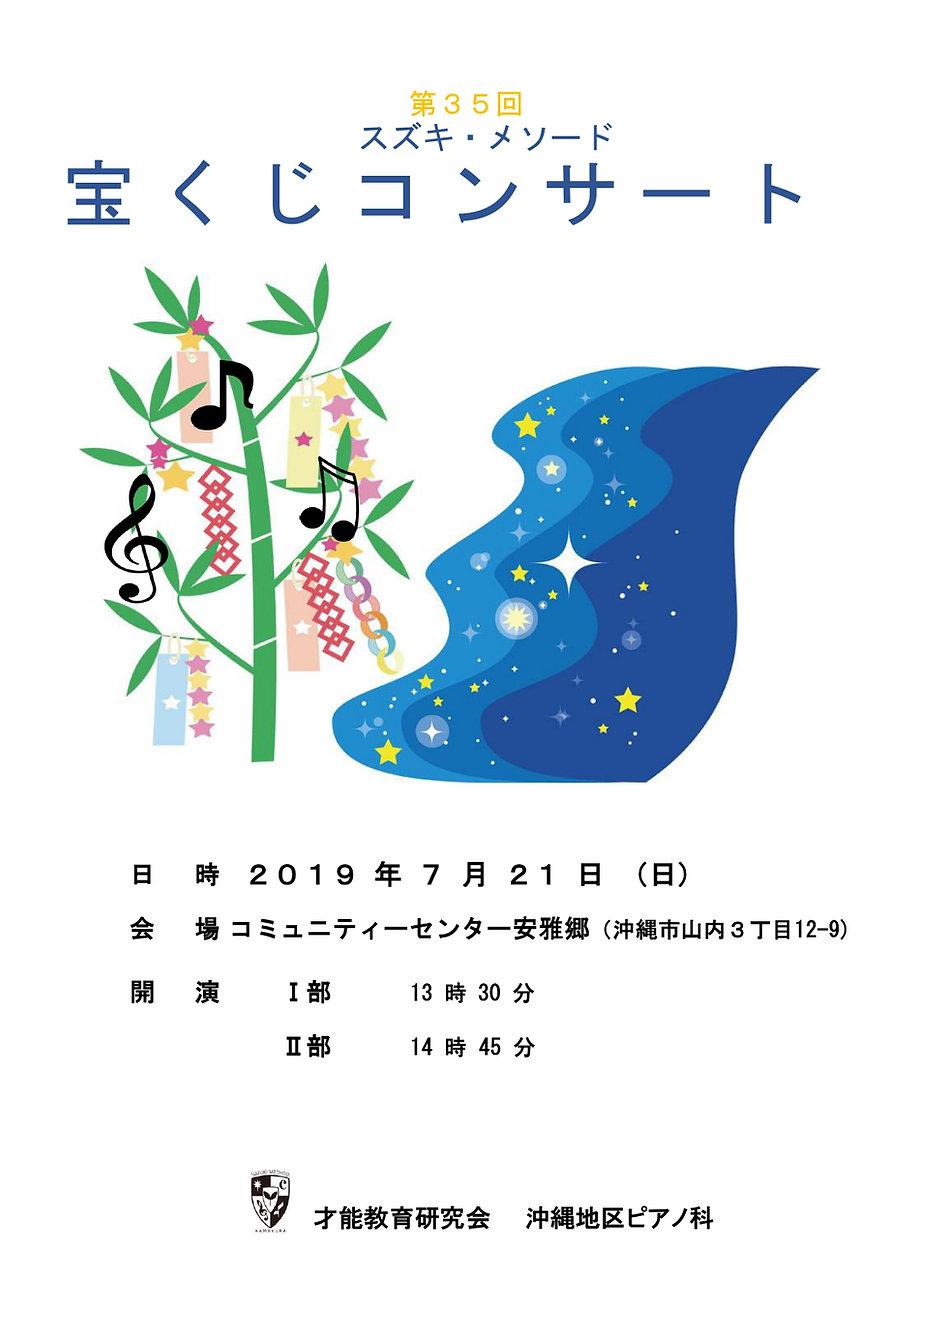 2019年 第35回 宝くじコンサート _page-0001.jpg